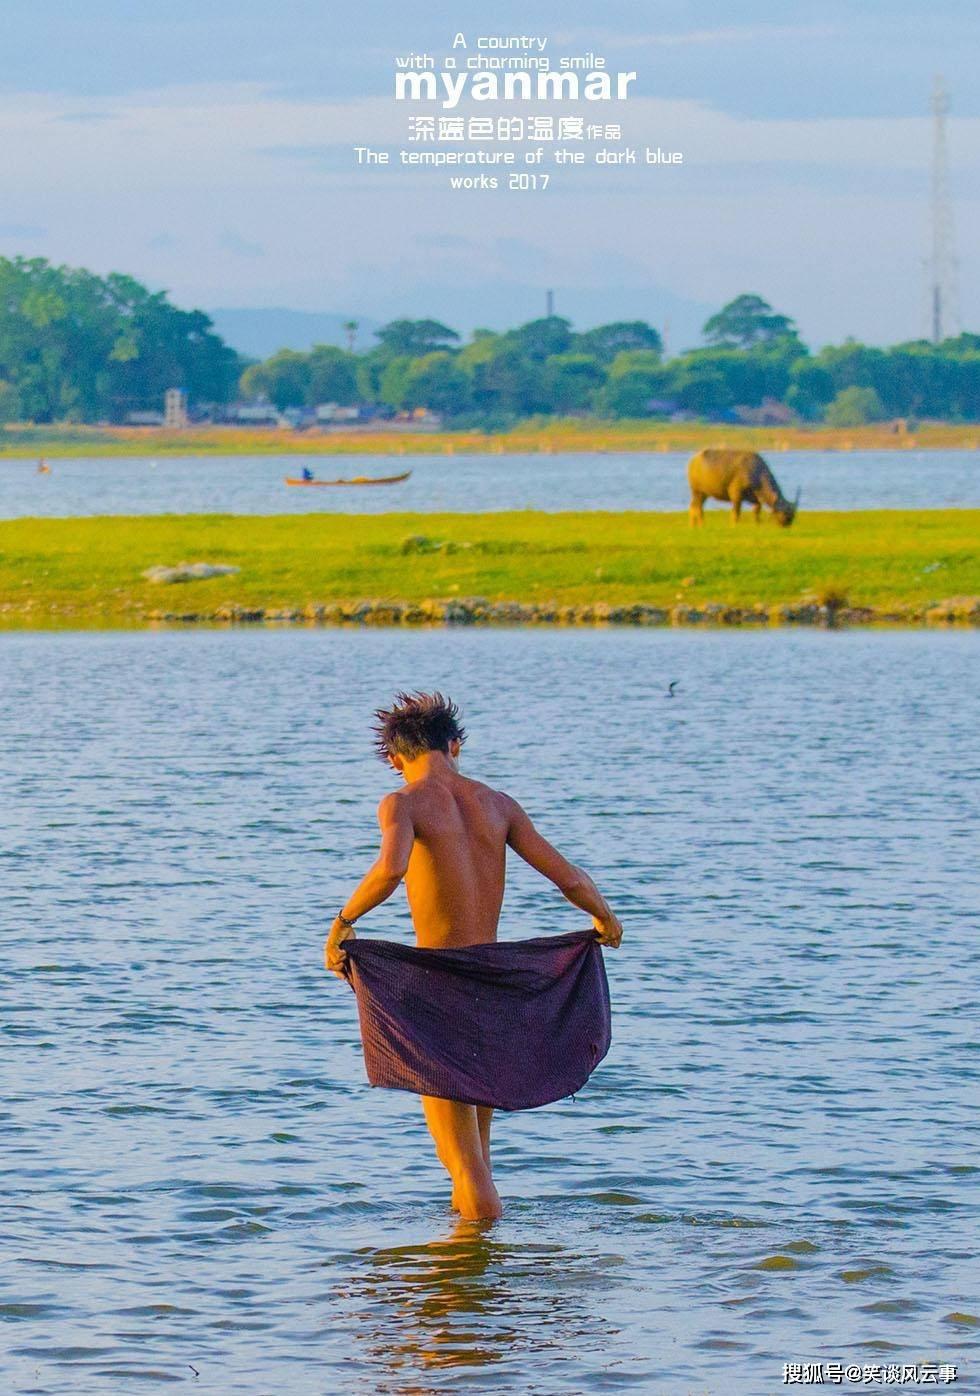 緬甸之旅, 我們拍下了各種各樣的笑容